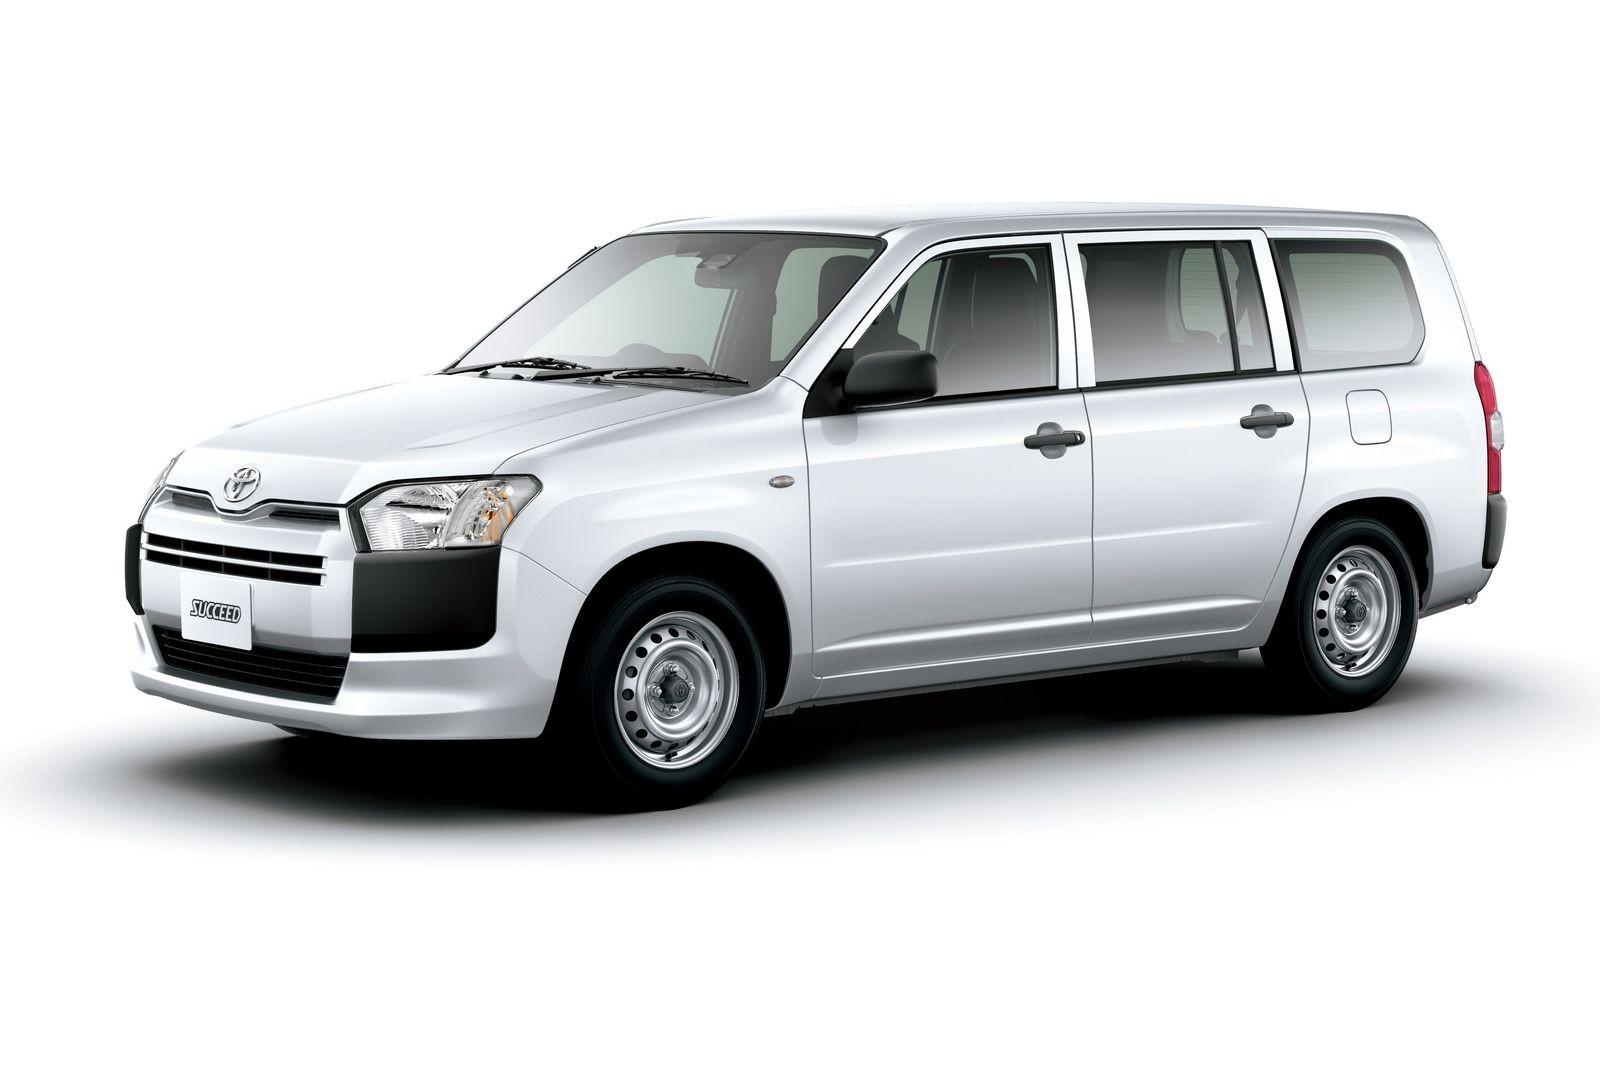 Toyota Probox/Succeed олицетворяет мечту многих россиян о недорогом, надёжном и практичном универсале, и некоторые даже приобретают такие машины новыми (!) в Японии.